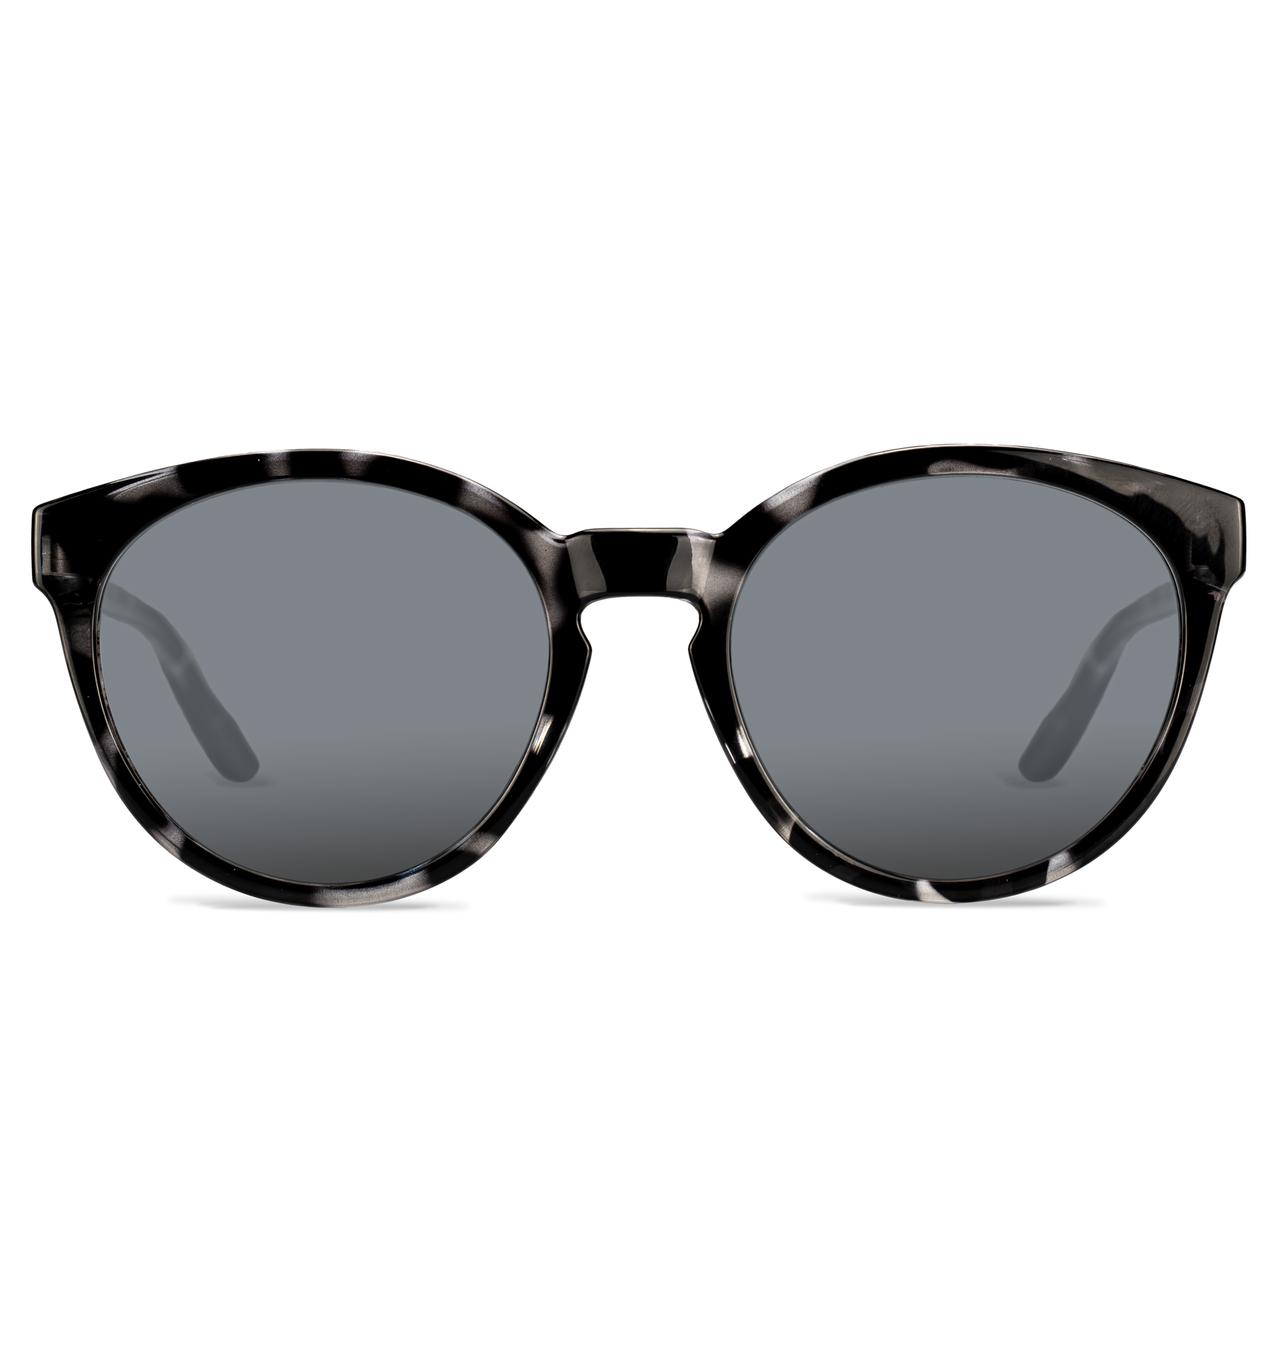 Pela sunglasses